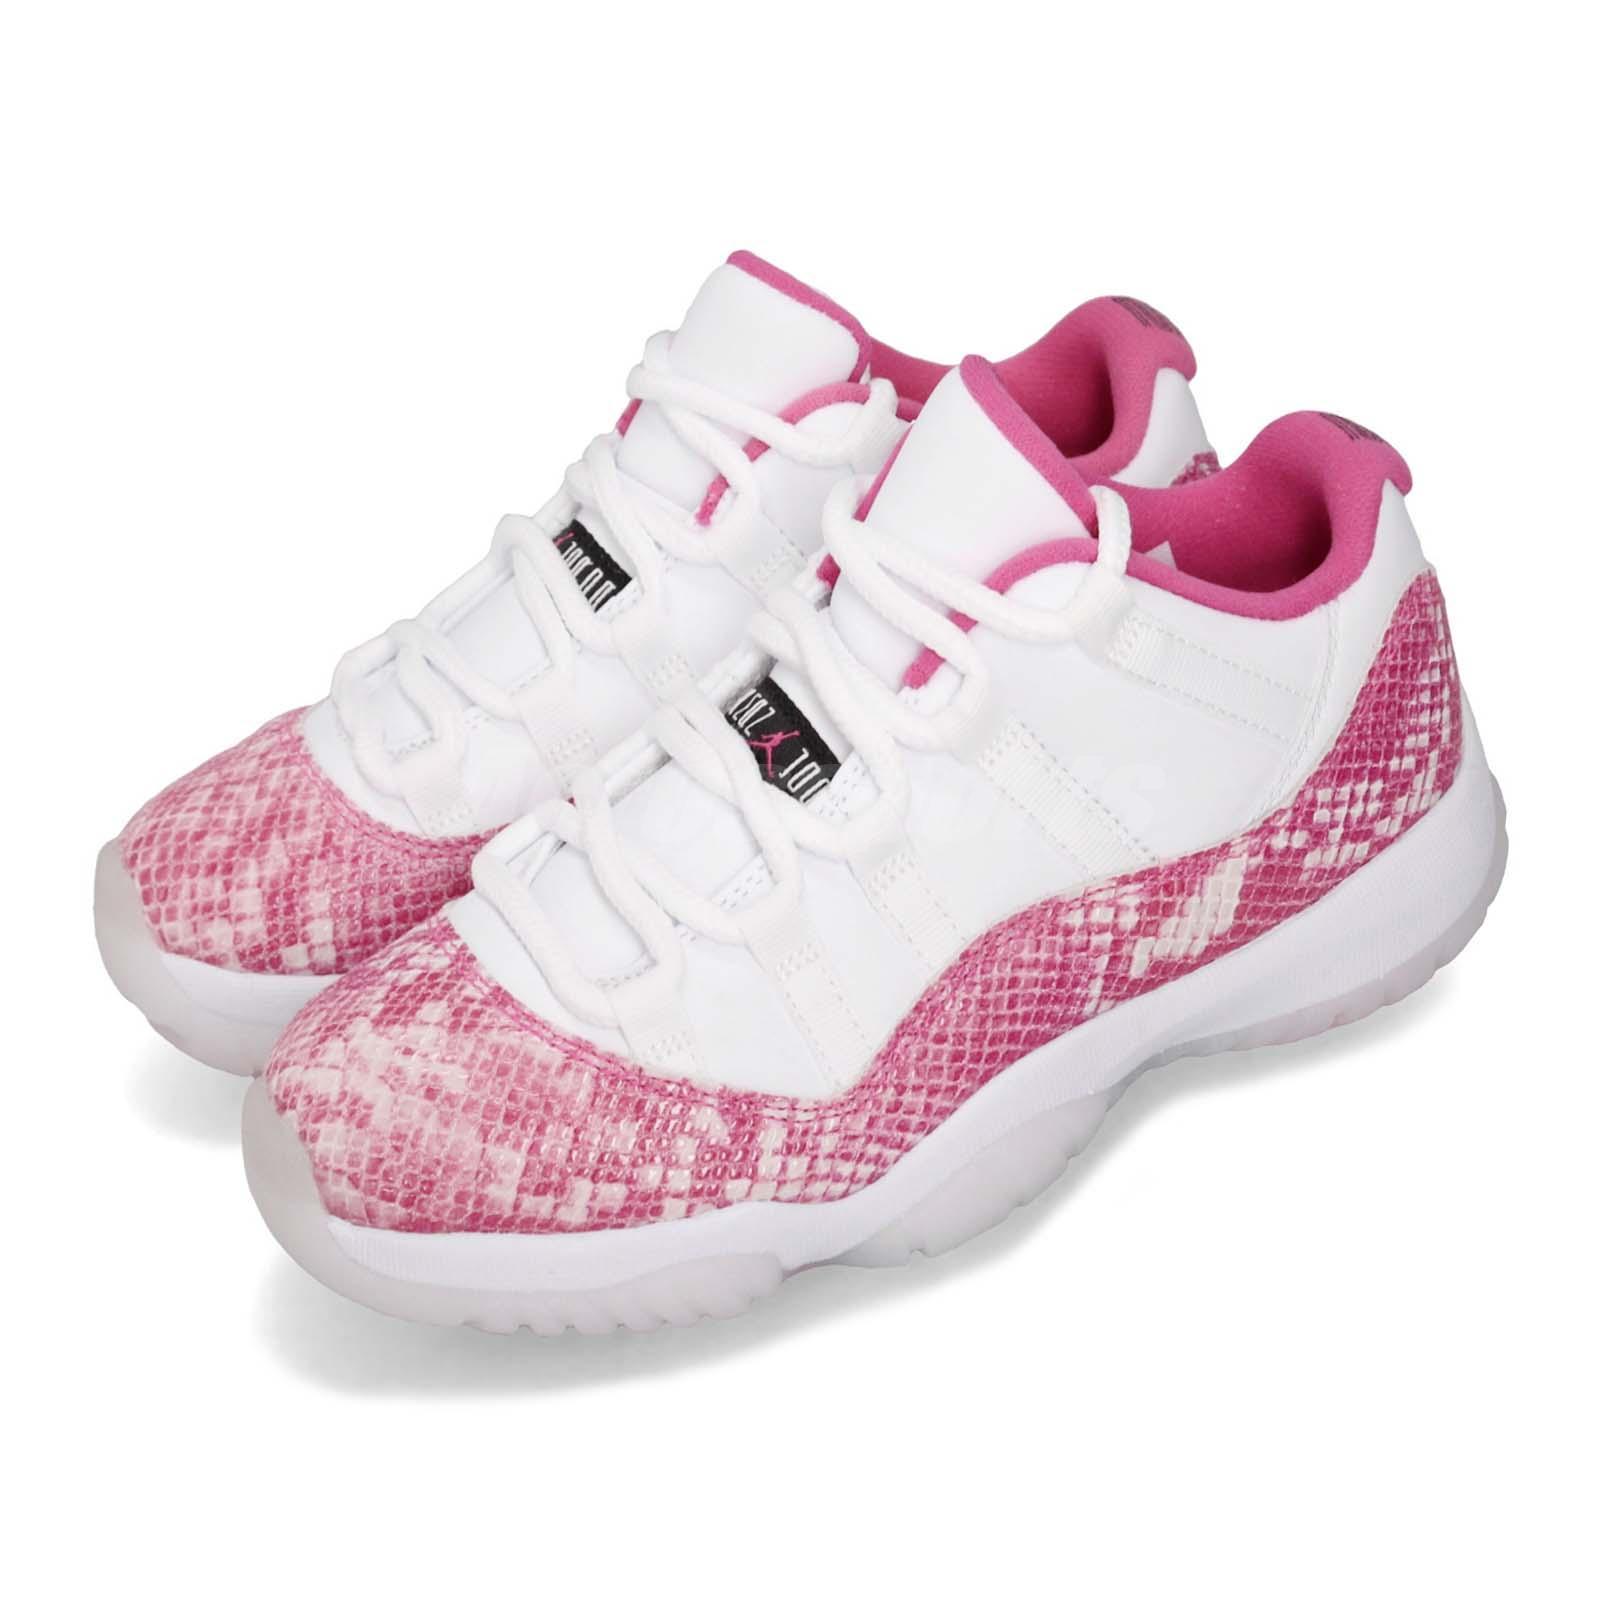 hot sale online e352c f4604 Details about Nike Wmns Air Jordan 11 Retro Low AJ11 XI Pink Snakeskin  Women Shoes AH7860-106